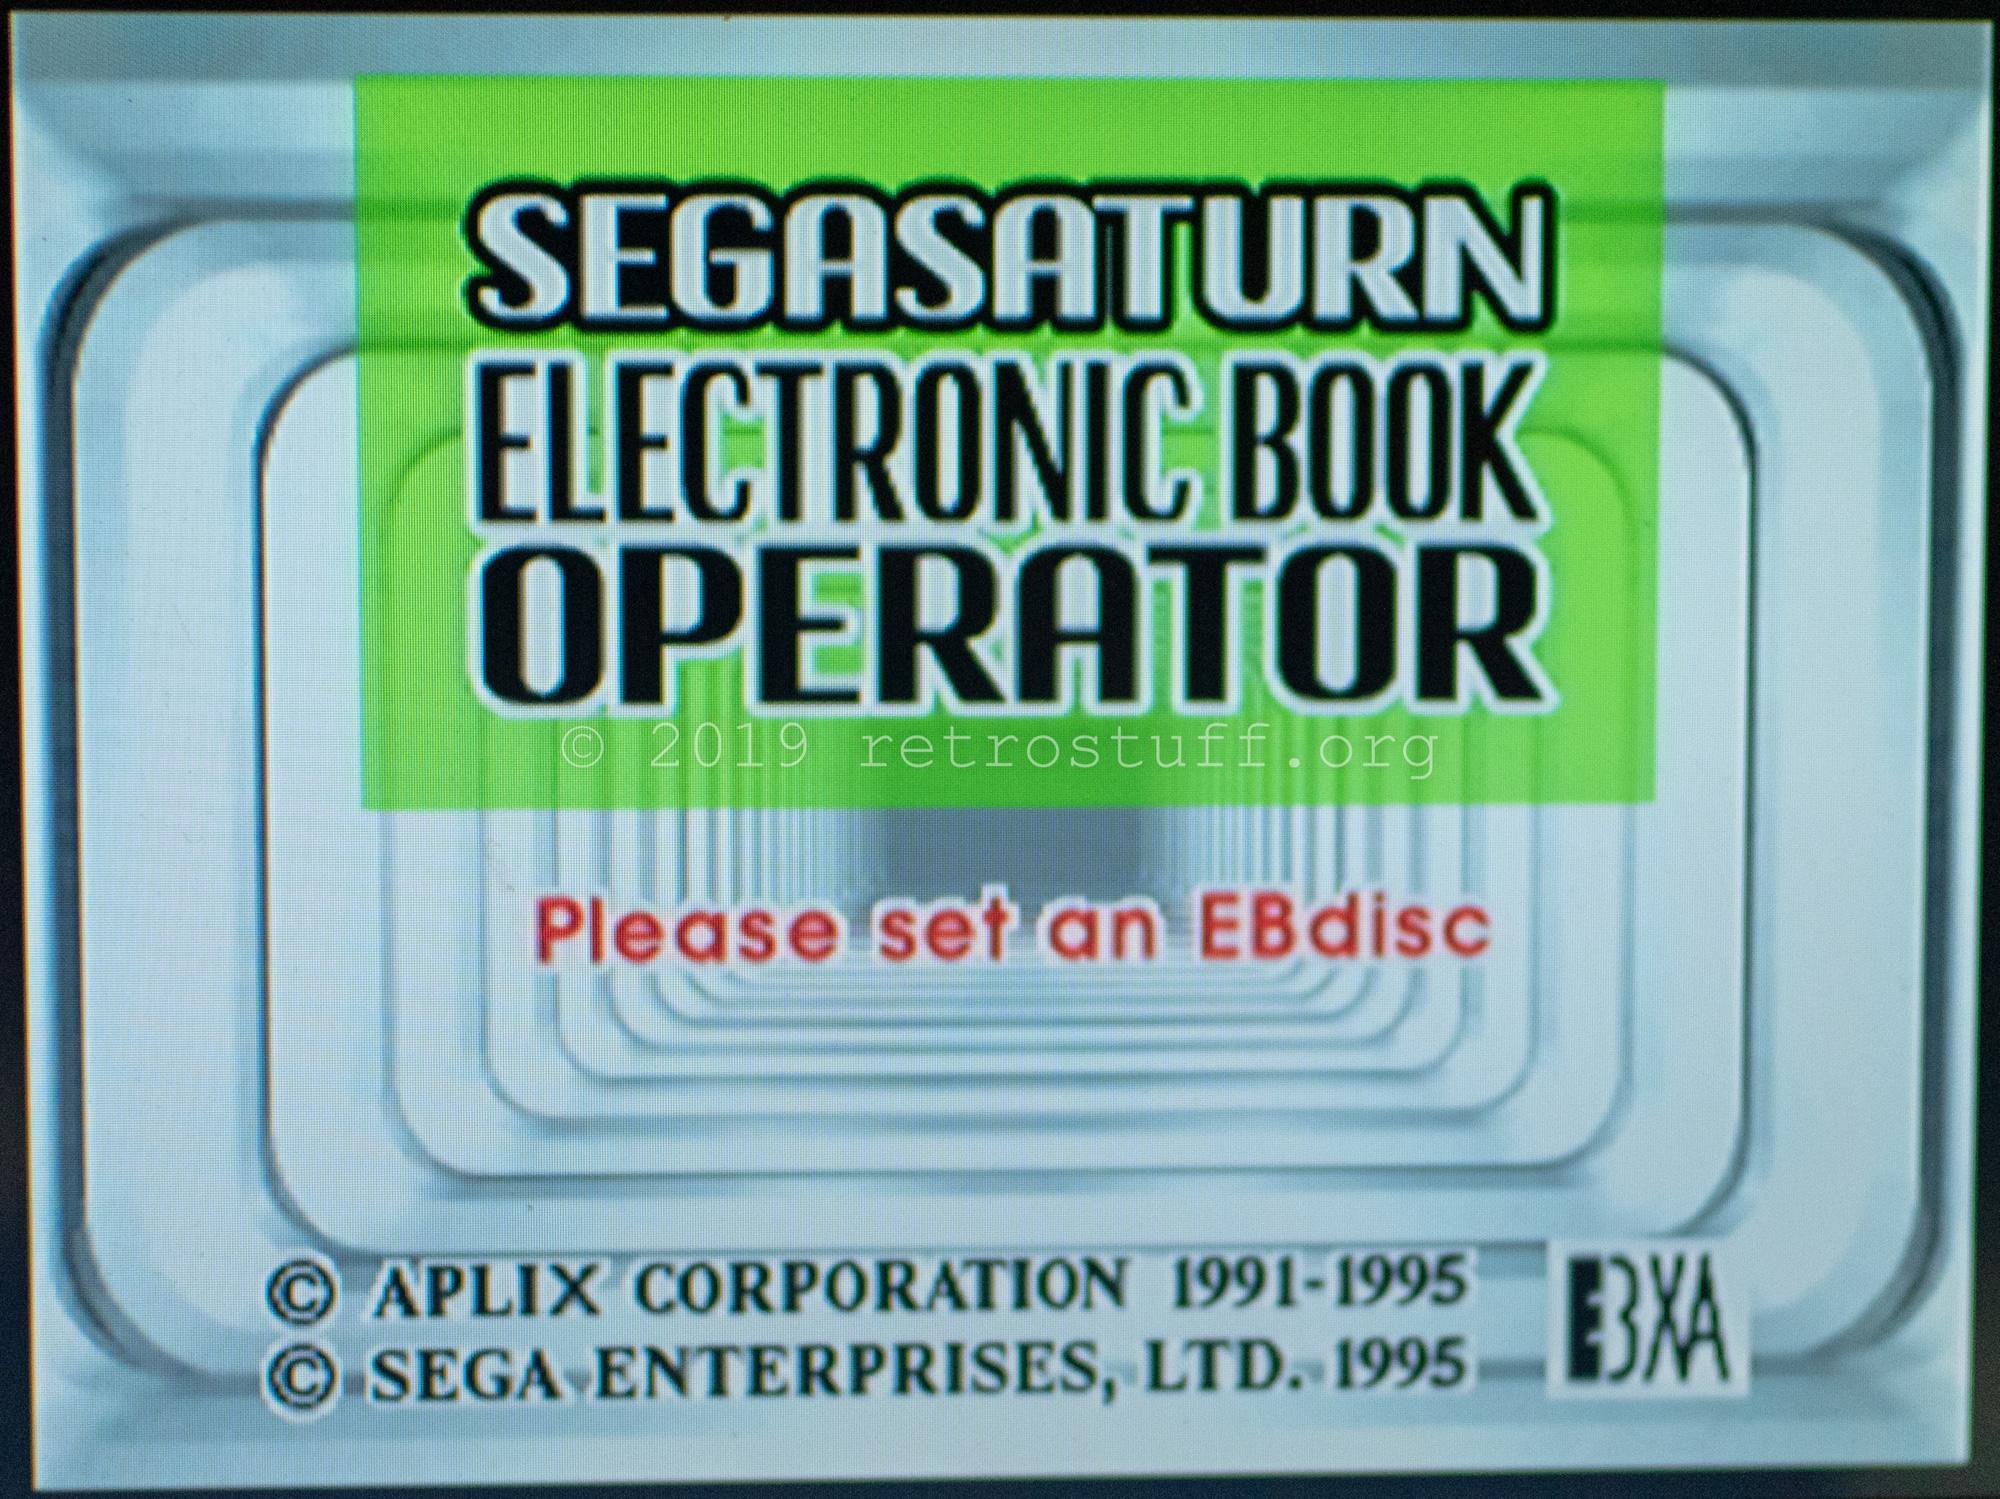 Sega Saturn Electronic Book Operator - retrostuff